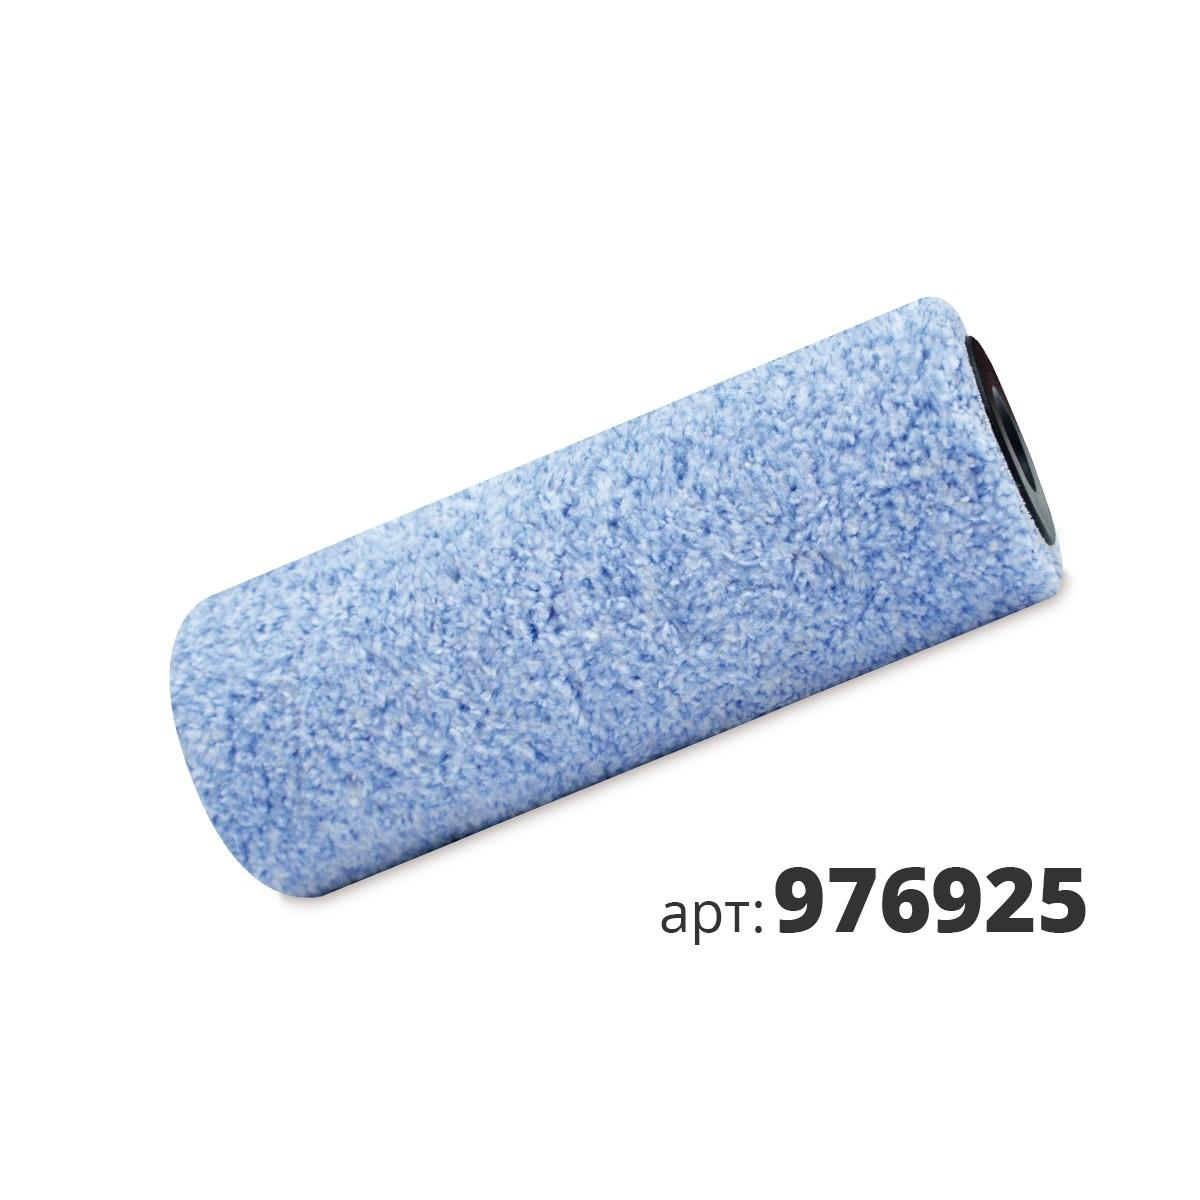 МАКО валик сменный blue-tex, текстурированный микрофибра 976925